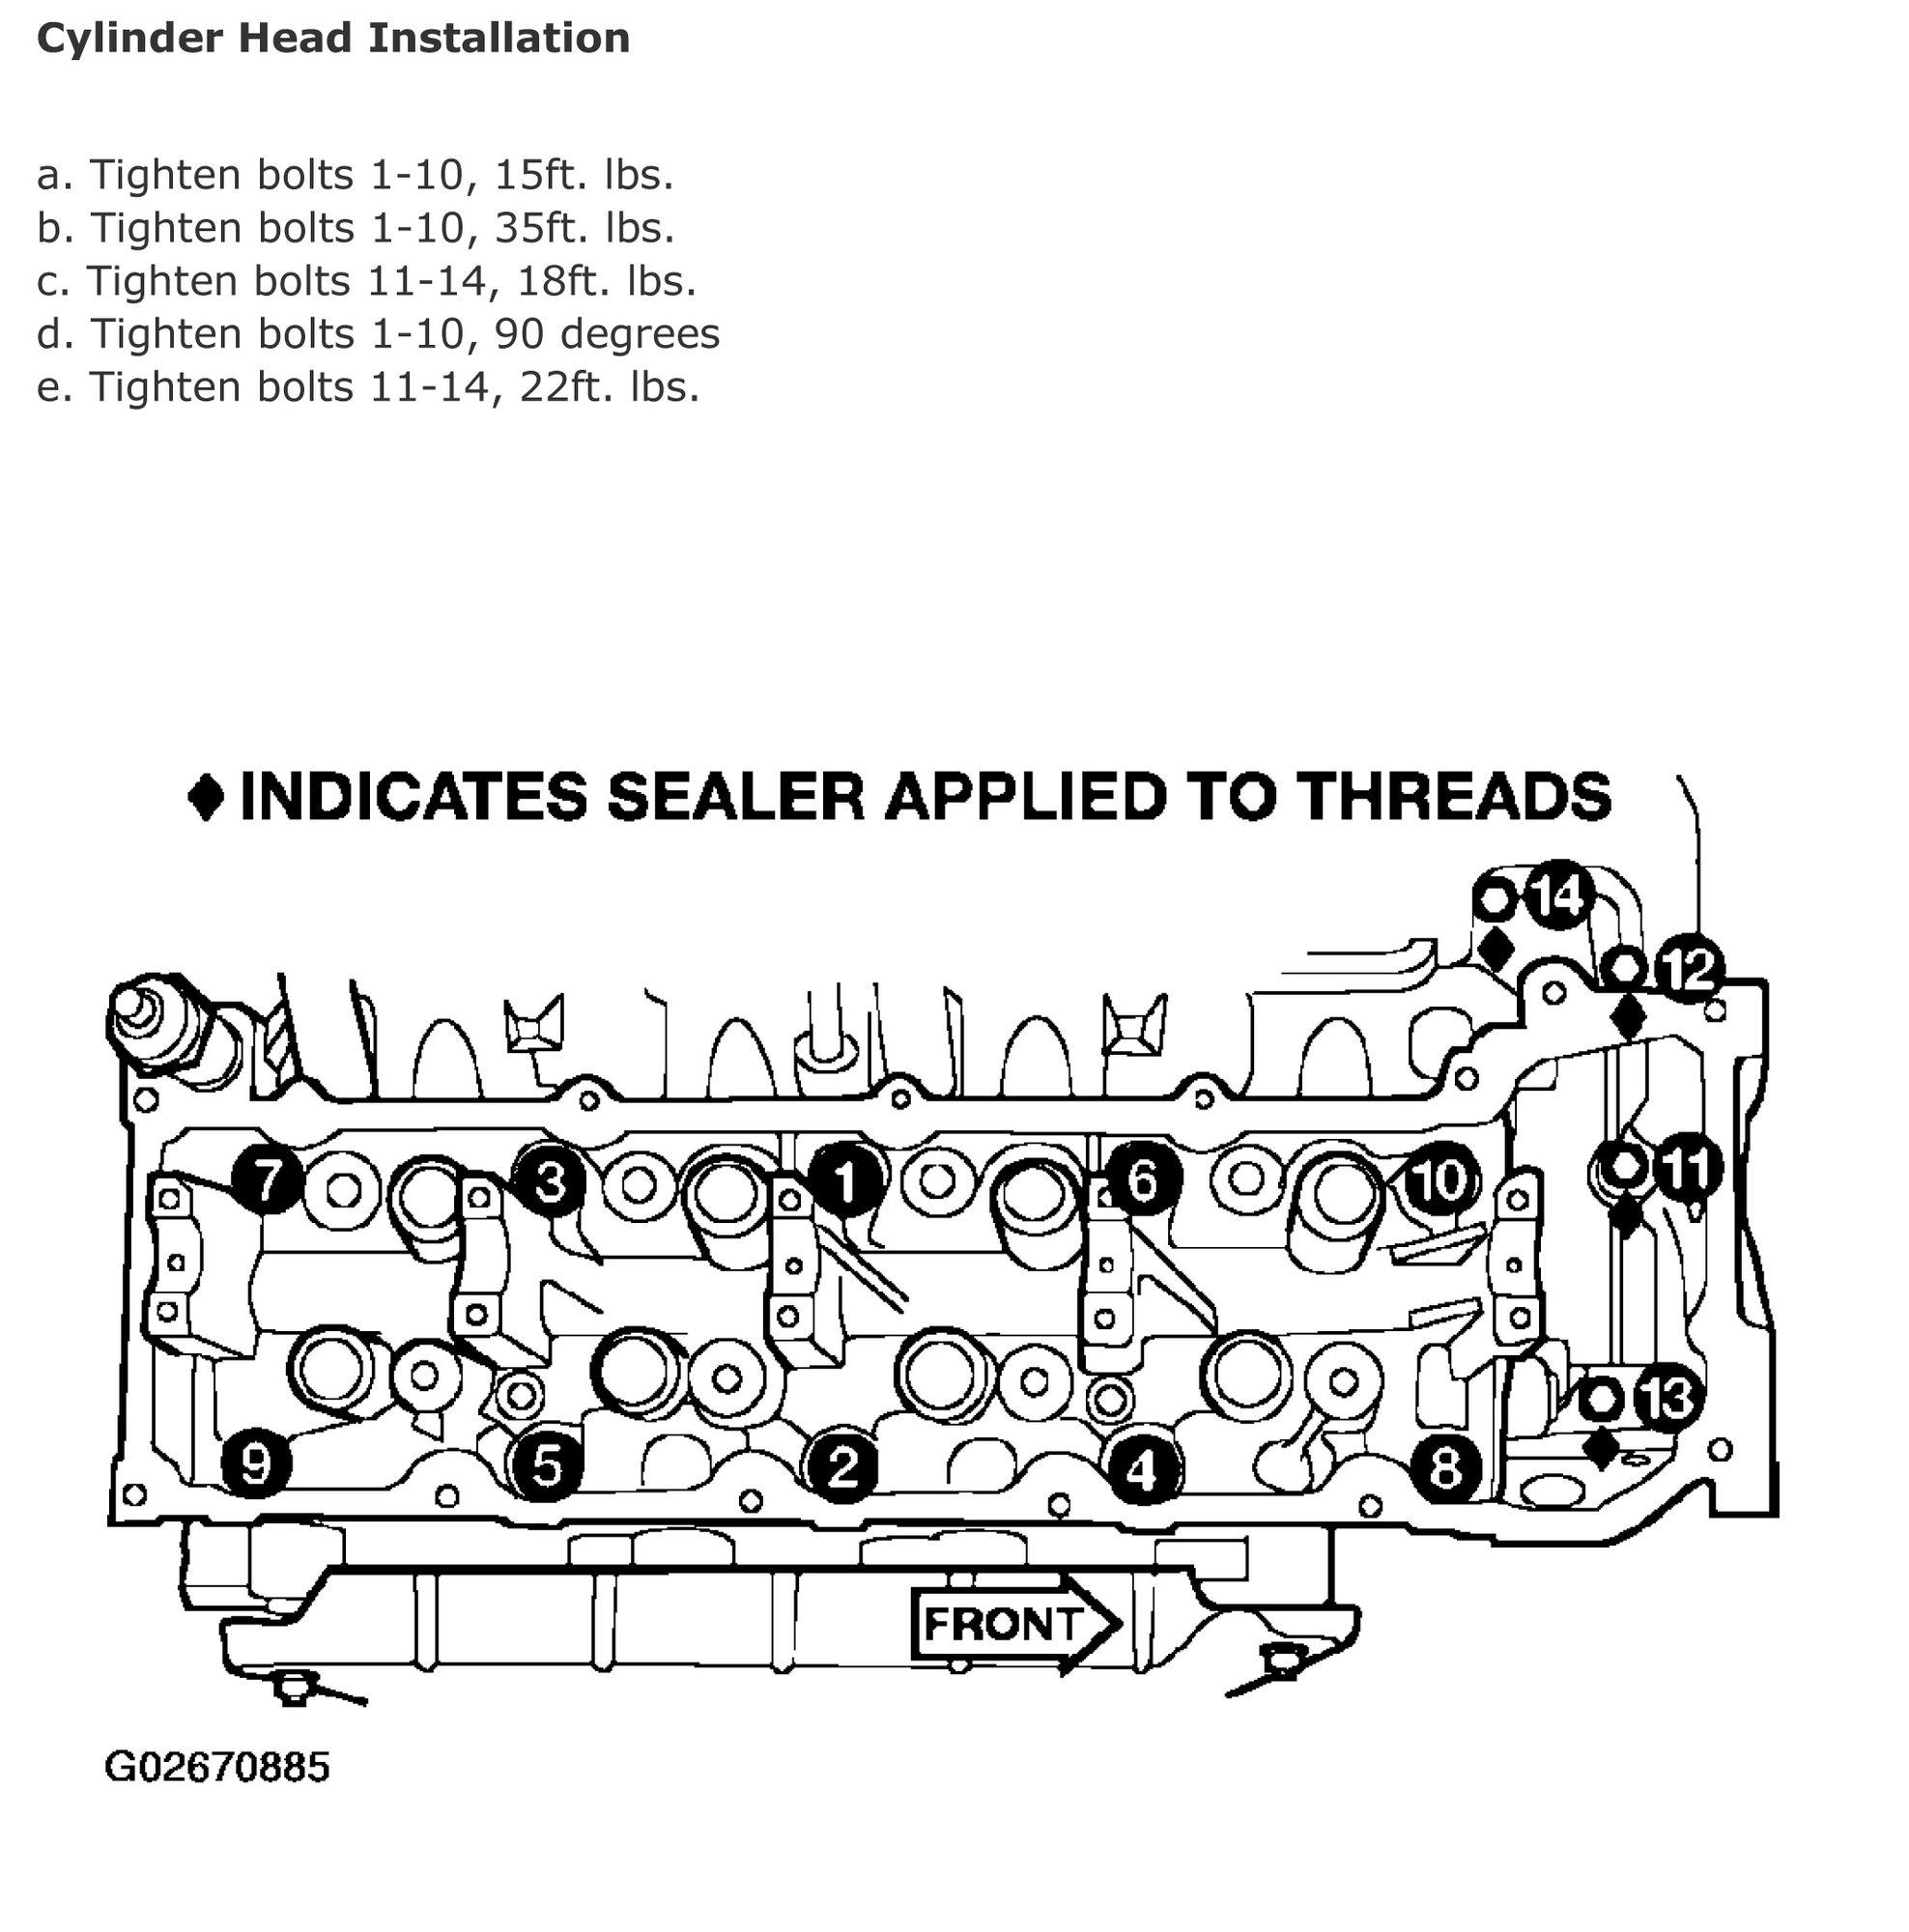 2000 dodge dakota wiring schematic pcm